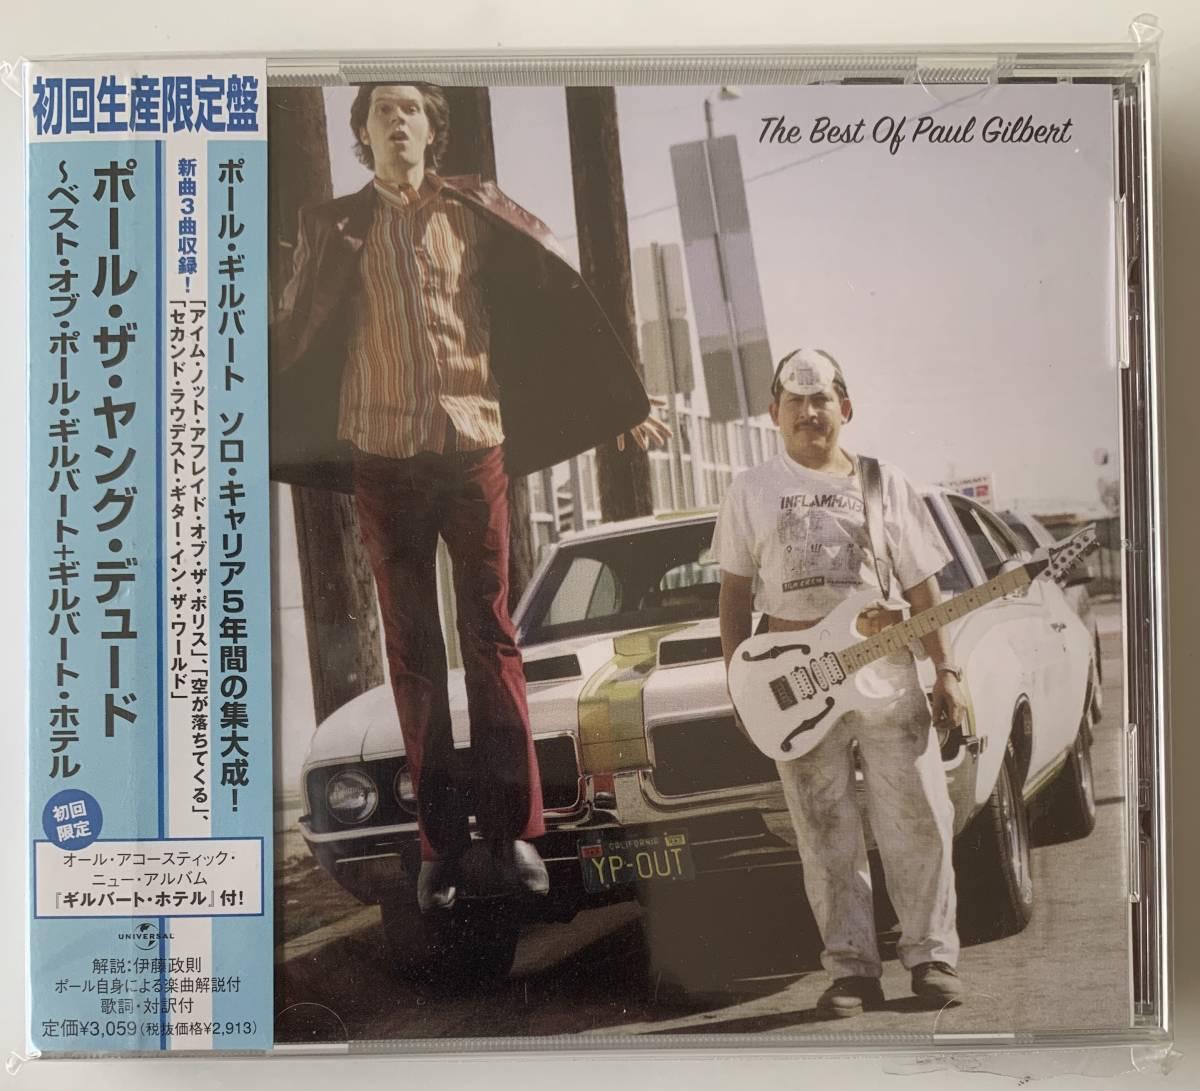 初回生産限定盤 (2CD)/ Paul Gilbert/ Paul The Young Dude ~The Best Of Paul Gilbert + Gilbert Hotel~/ Mr. Big, Racer X